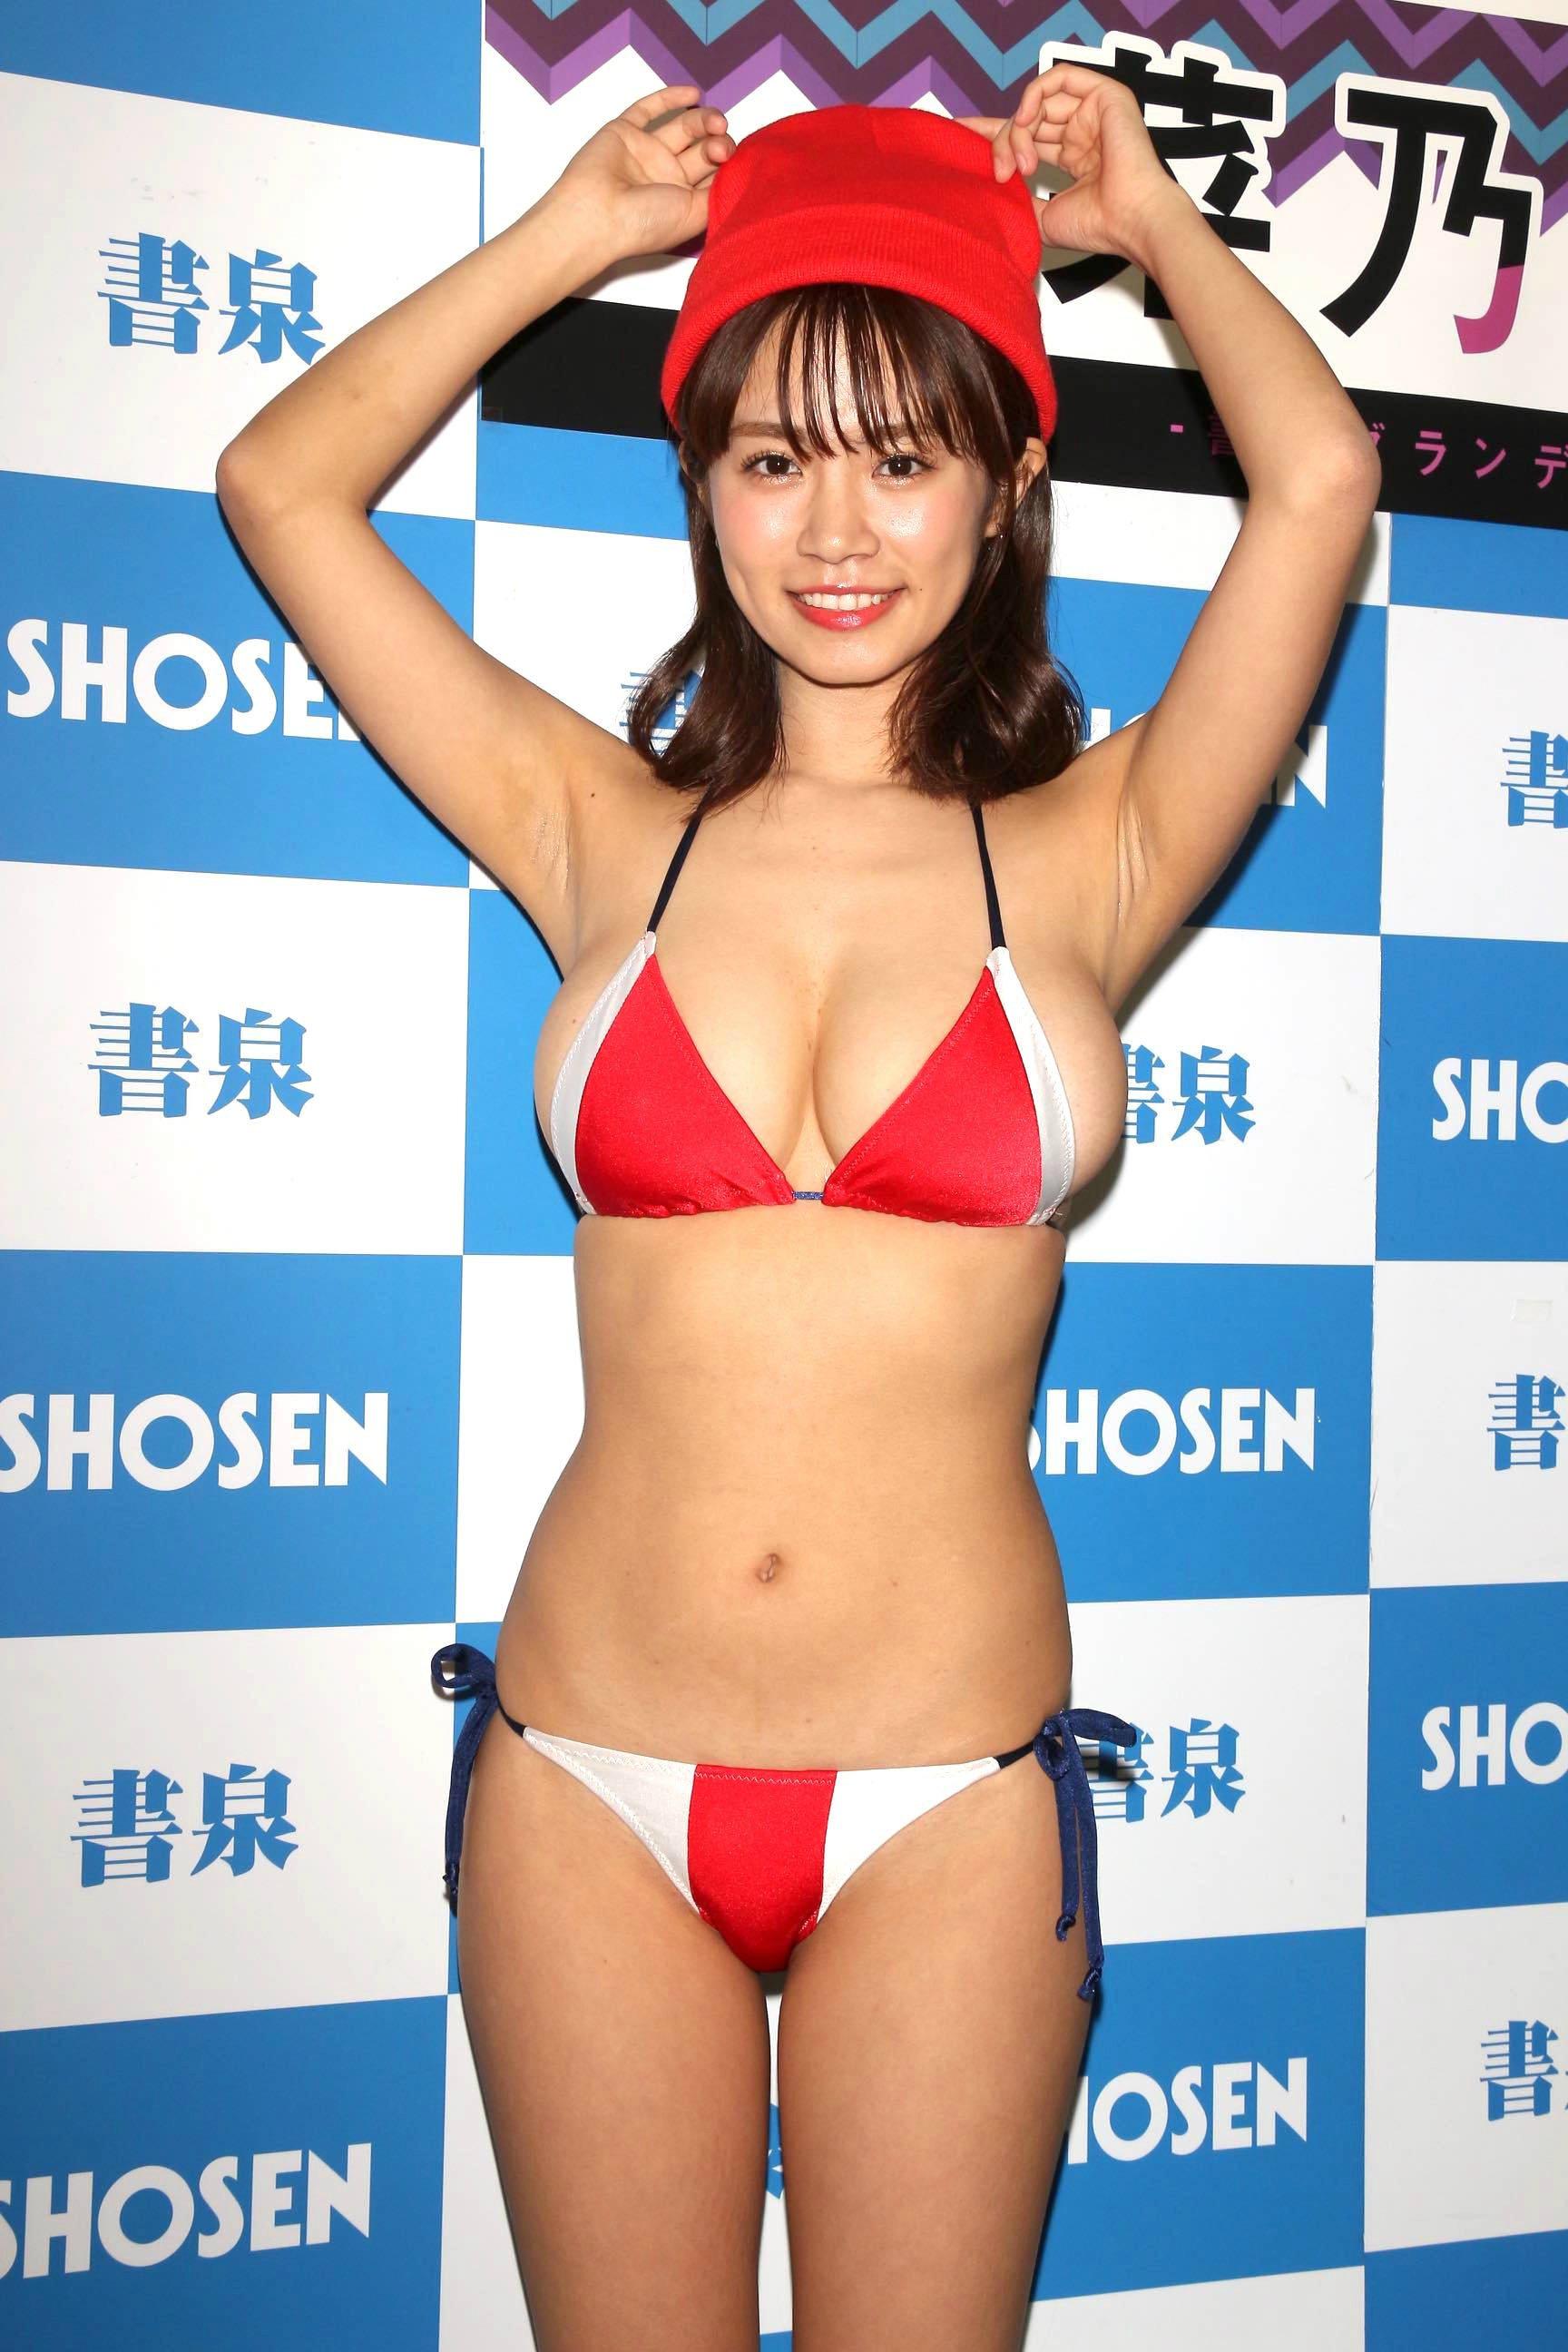 菜乃花「キス600回」を経験し、慣れてきた!?【写真18枚】の画像007